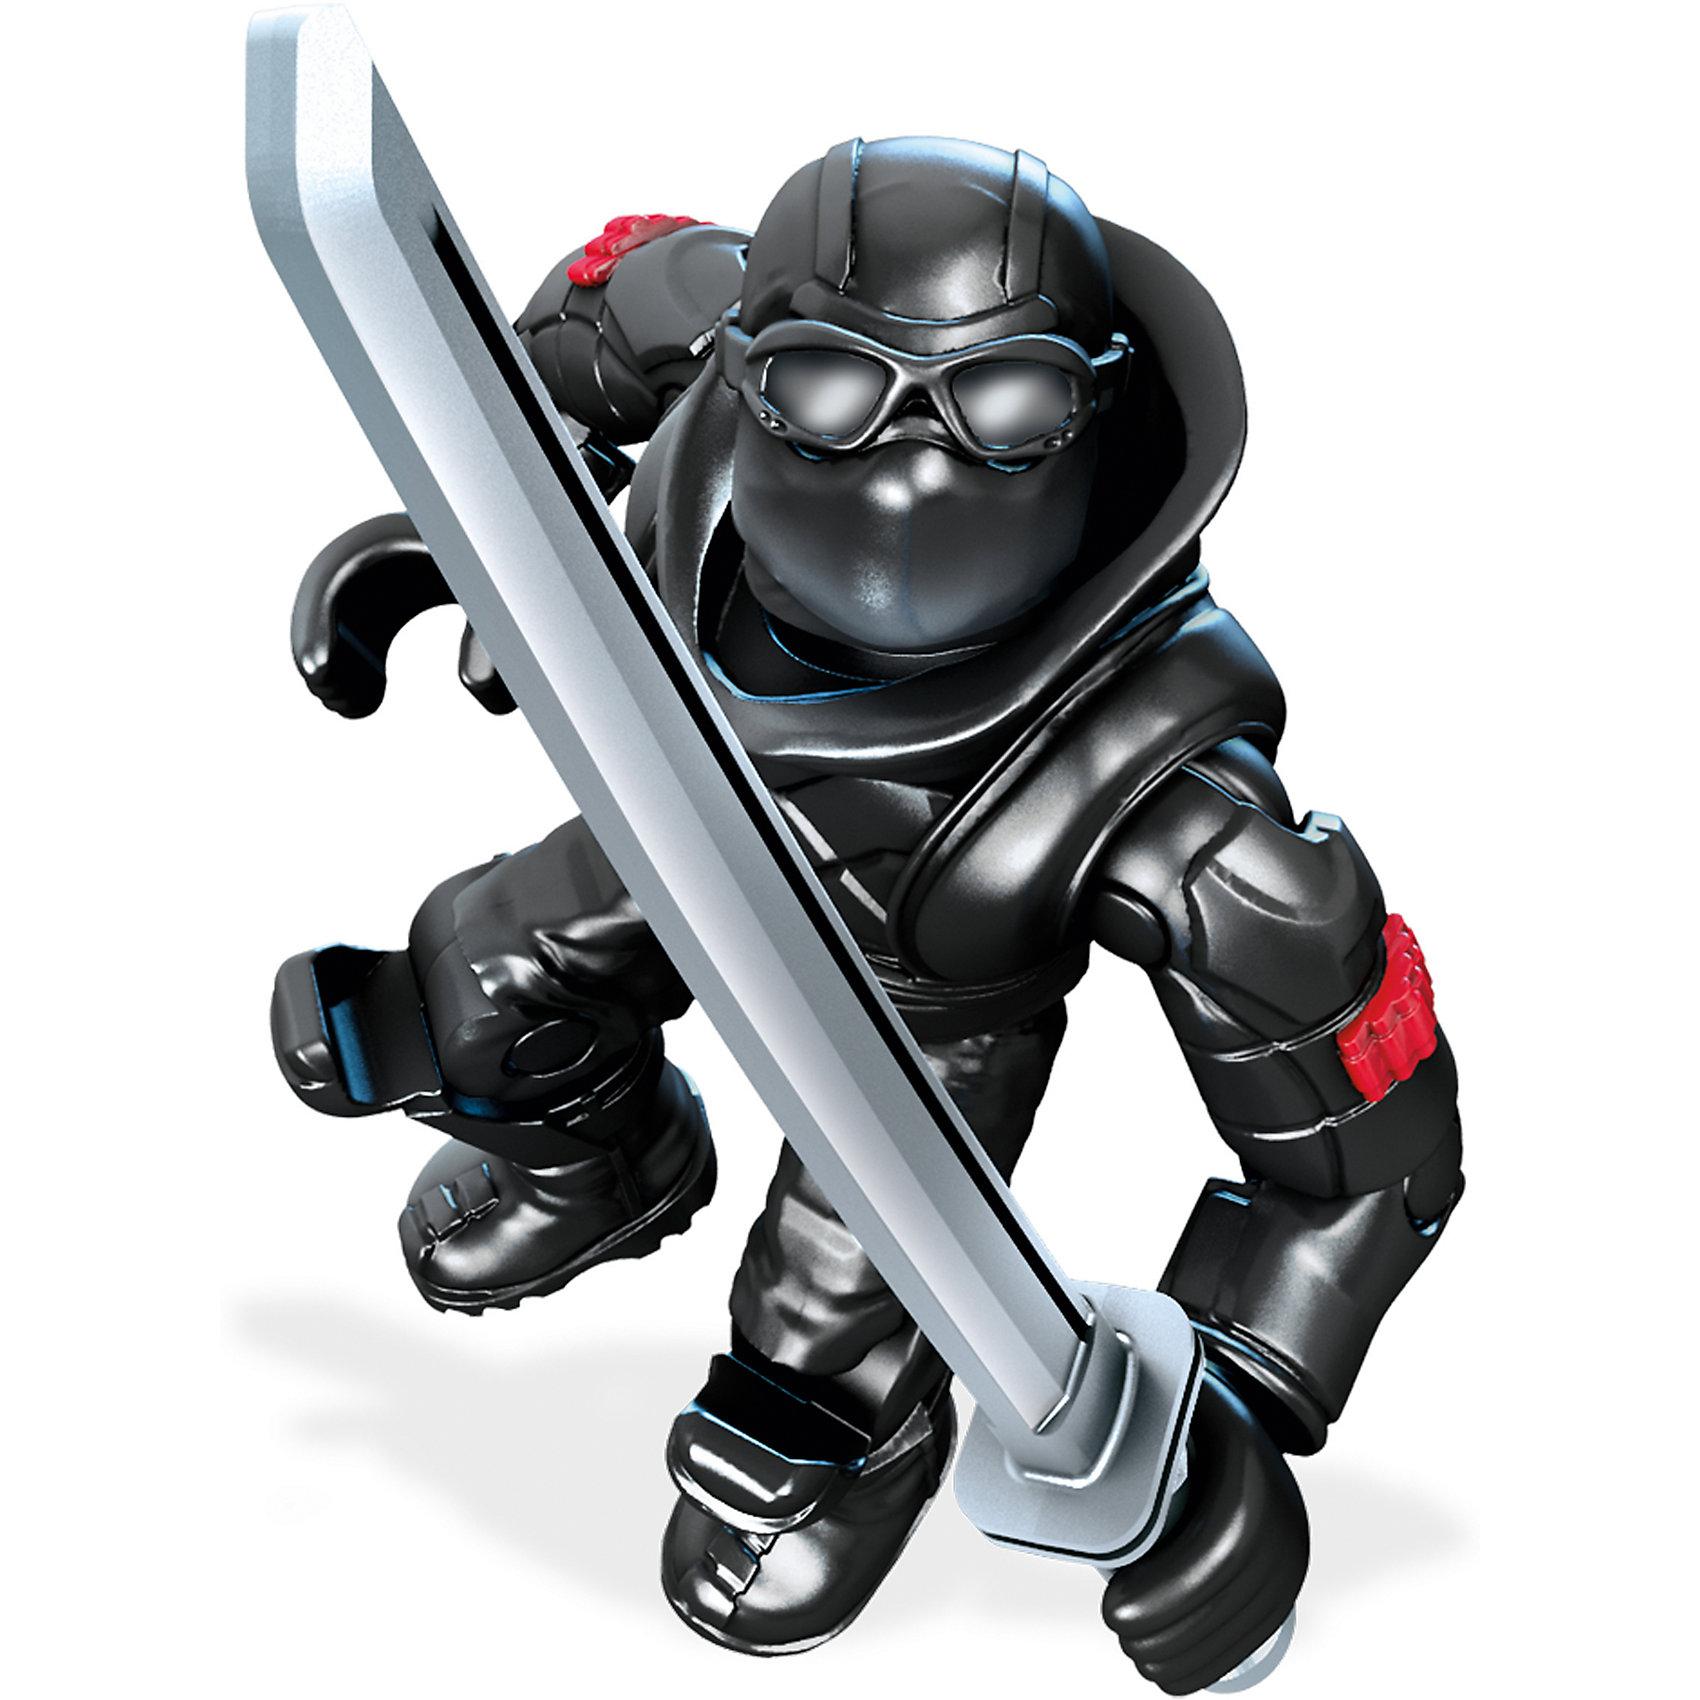 Фигурка персонажа фильма Черепашки Ниндзя II, Mega BloksФигурка Шреддер, Mega Bloks (Мега Блокс) ? один из героев персонажей фильма «Черепашки-ниндзя II». Коллекционная фигурка выполнена из безопасного пластика с яркими цветами, устойчивыми к повреждениям. Фигурка обладает 11 подвижными элементами и включает аксессуары, характерные для персонажа. Оружие фиксируется в руках.<br>Все элементы фигурки выполнены с точной детализацией героя фильма «Черепашки-ниндзя II». Шреддер ? главный недруг черепашек. Одет в черные одежды, владеет всеми видами оружия из арсенала нинзя.<br>Фигурка Шреддер, Mega Bloks (Мега Блокс) позволит вашему ребенку не только воспроизвести истории и сюжеты из фильма, но и придумать свою, новую историю борьбы с несправедливостью и преступностью.<br>Сюжетно-ролевые игры на основе конструктора позволят вашему ребенку развивать логическое мышление, воображение, а также тренировать память. <br><br>Дополнительная информация:<br><br>- Вид игр: сюжетно-ролевые <br>- Предназначение: для дома<br>- Материал: пластик<br>- Размер (Д*Ш*В): 2,5*9*12,5 см<br>- Вес: 14 г <br>- Особенности ухода: фигурки можно мыть в теплой мыльной воде<br><br>Подробнее:<br><br>• Для детей в возрасте: от 6 лет и до 12 лет<br>• Страна производитель: Китай<br>• Торговый бренд: Mega Bloks<br><br>Фигурку Шреддера, Mega Bloks (Мега Блокс), можно купить в нашем интернет-магазине.<br><br>Ширина мм: 25<br>Глубина мм: 90<br>Высота мм: 125<br>Вес г: 14<br>Возраст от месяцев: 72<br>Возраст до месяцев: 144<br>Пол: Мужской<br>Возраст: Детский<br>SKU: 4867670